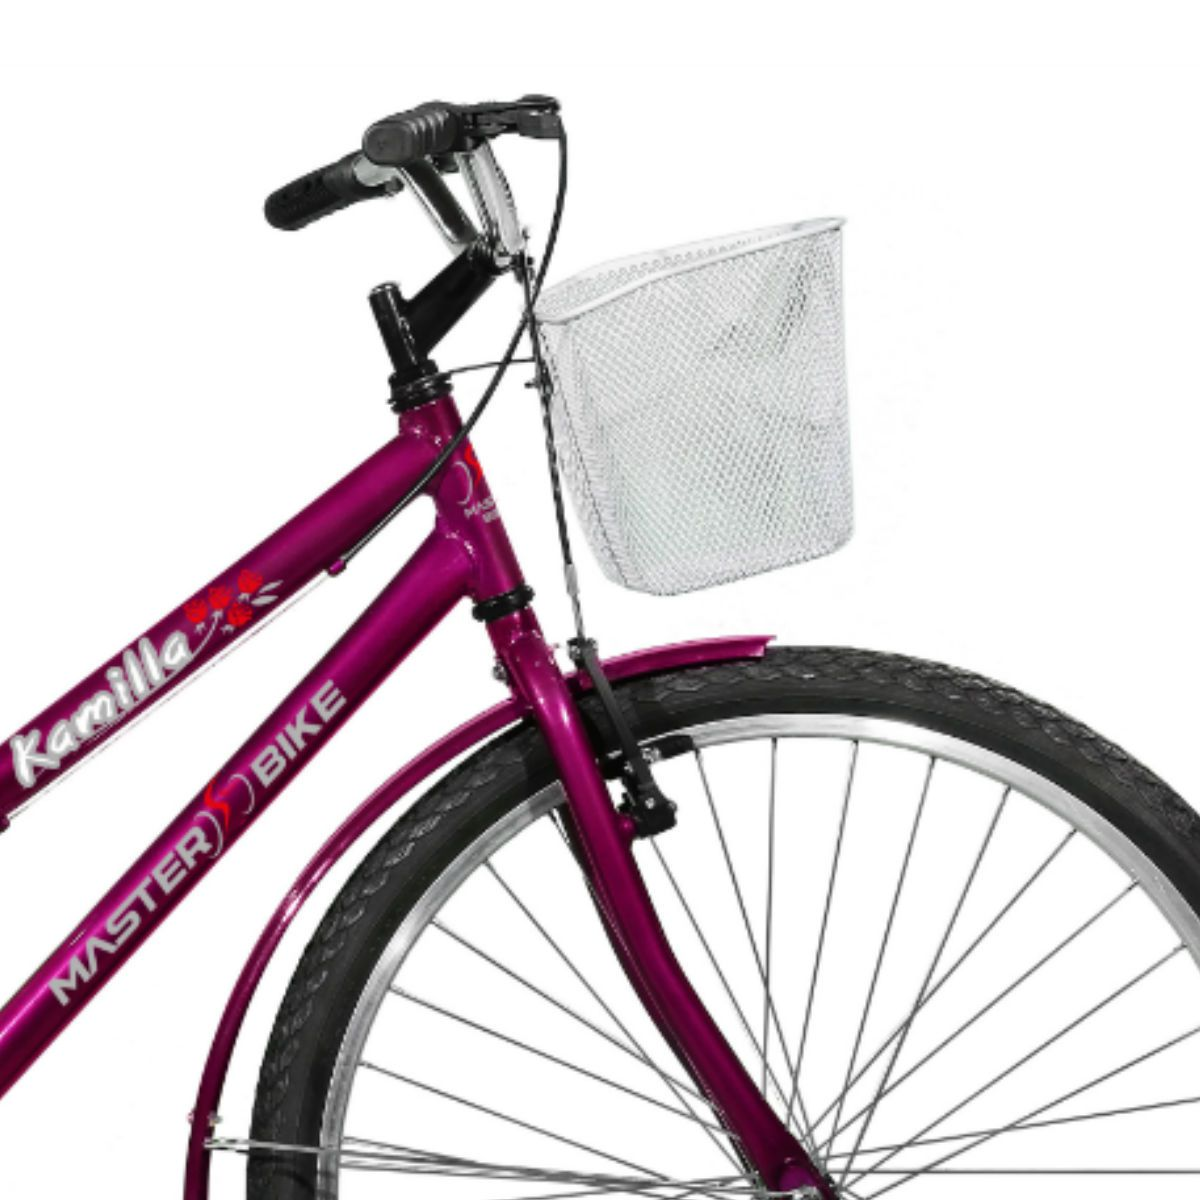 Bicicleta Master Bike Aro 26 Kamilla Freio V-Brake c/ Cesta Violeta